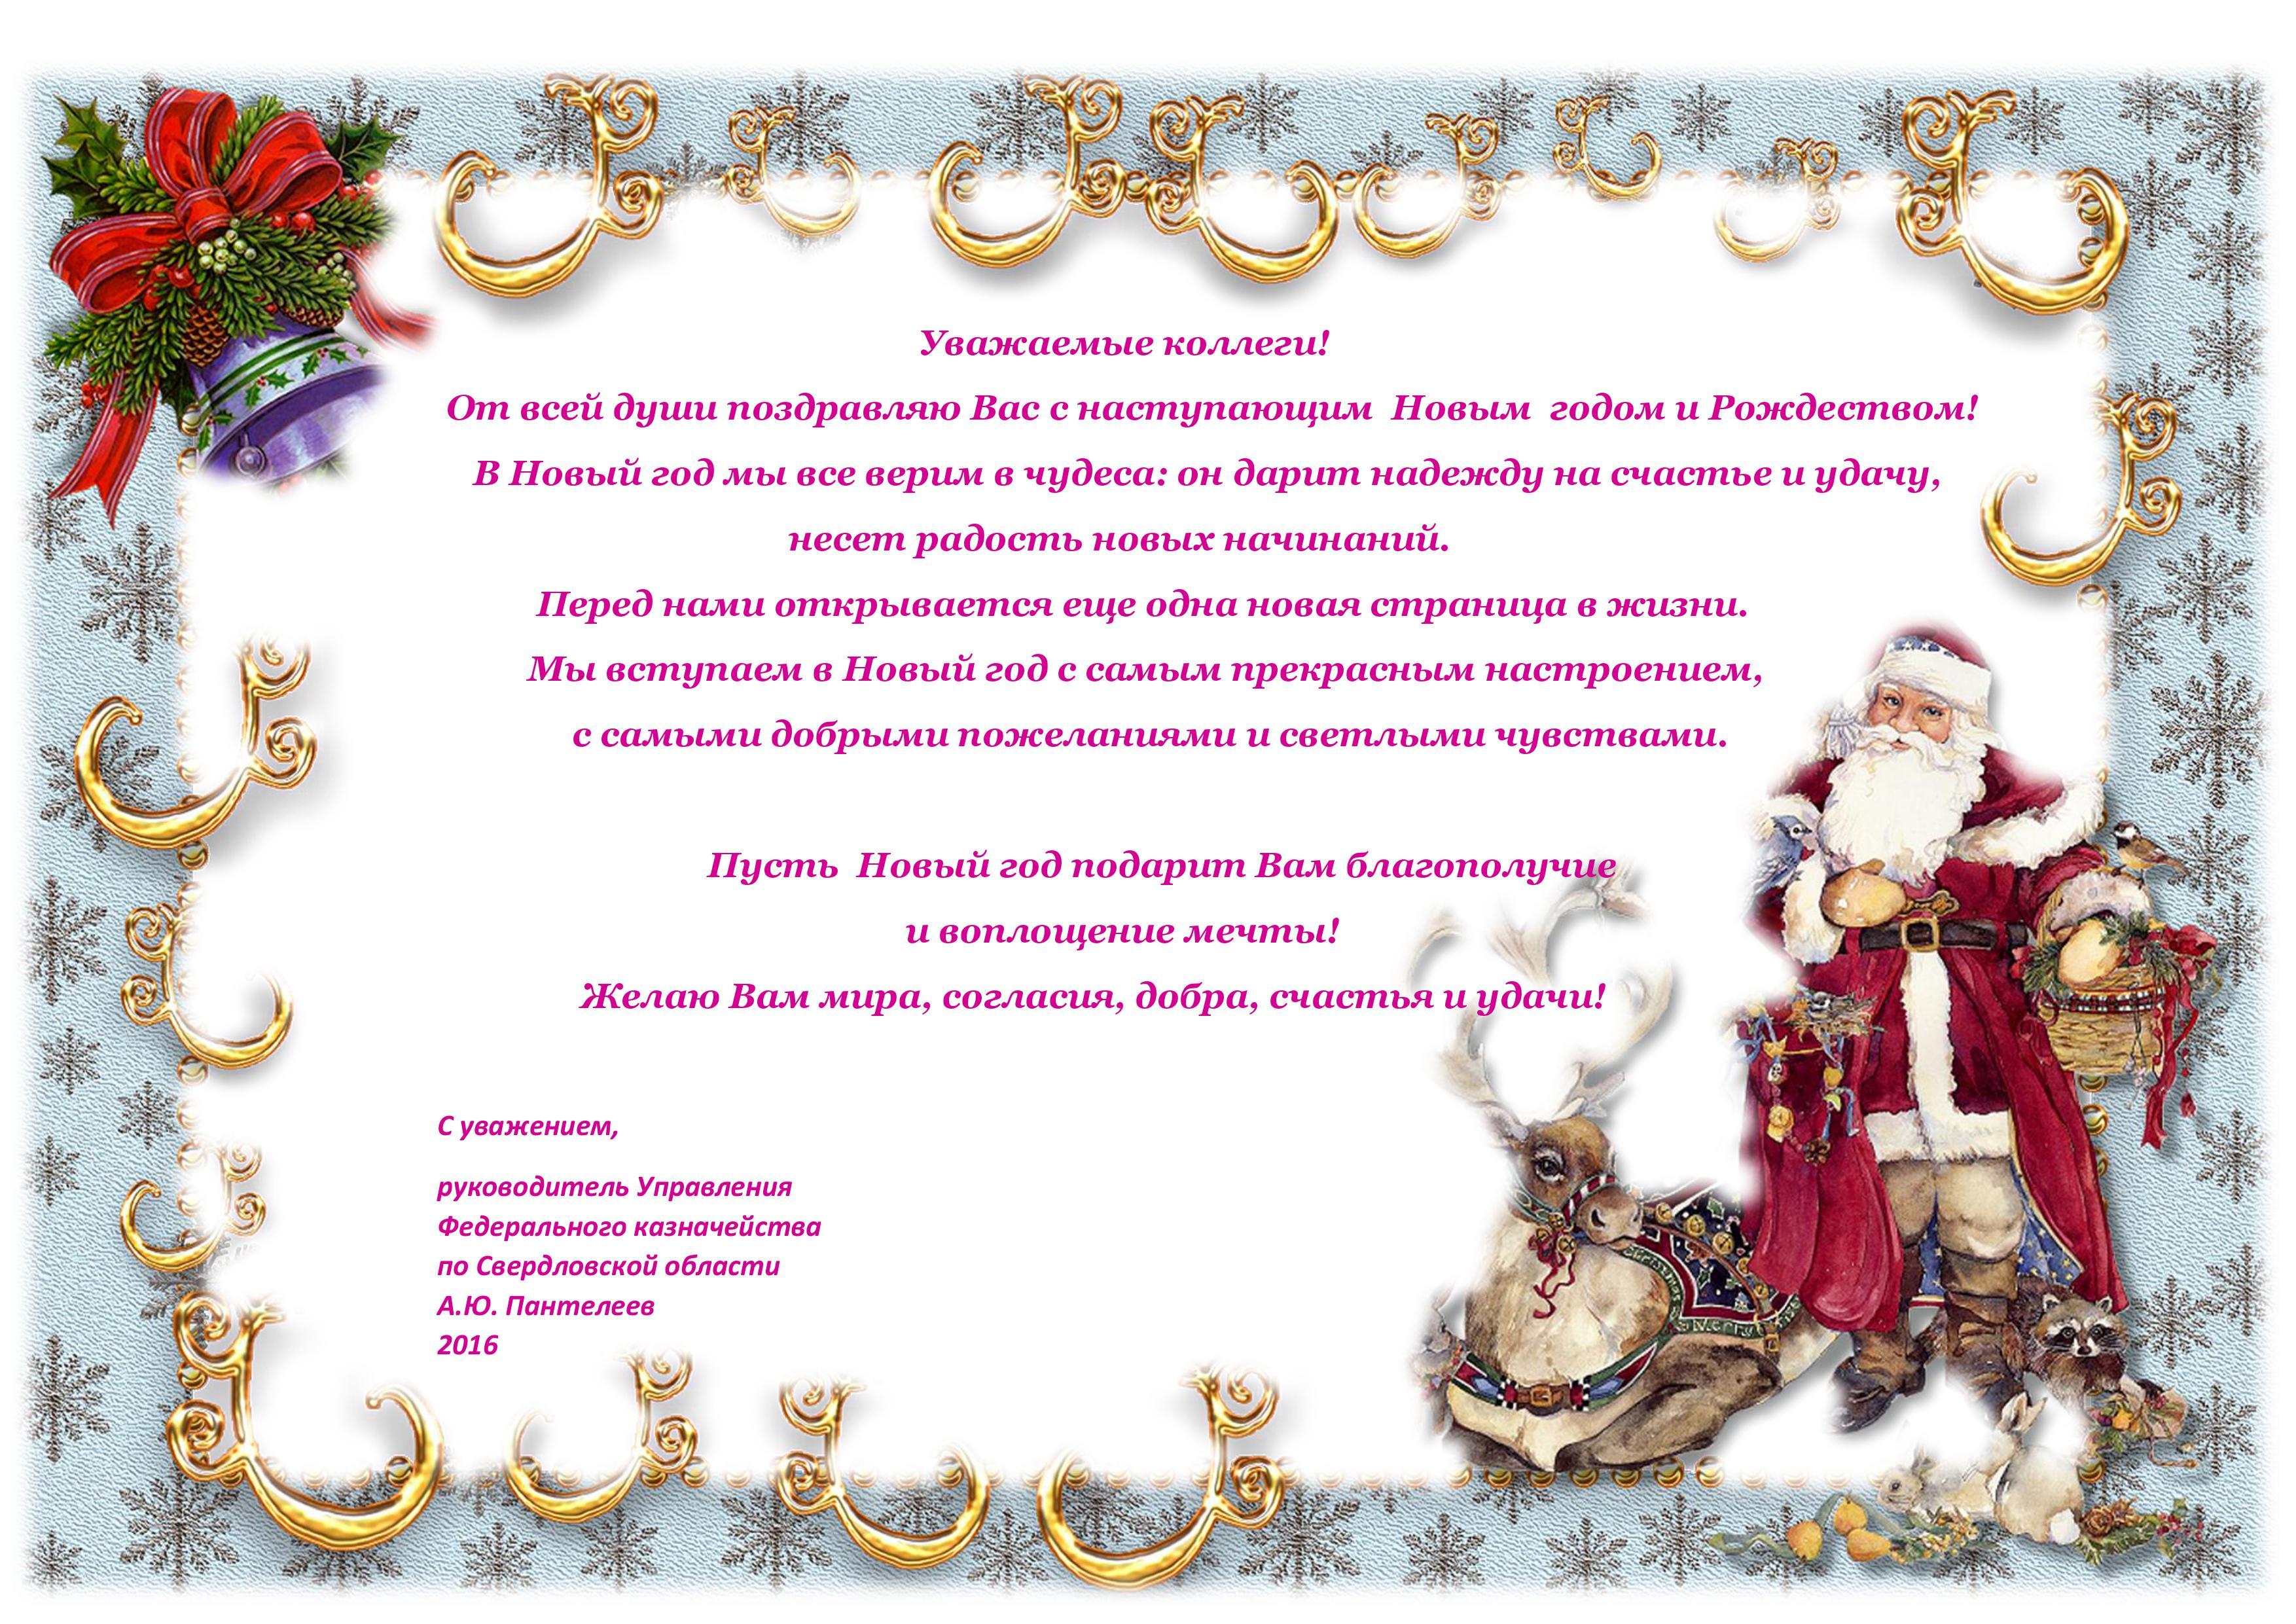 Поздравления от главы с рождеством